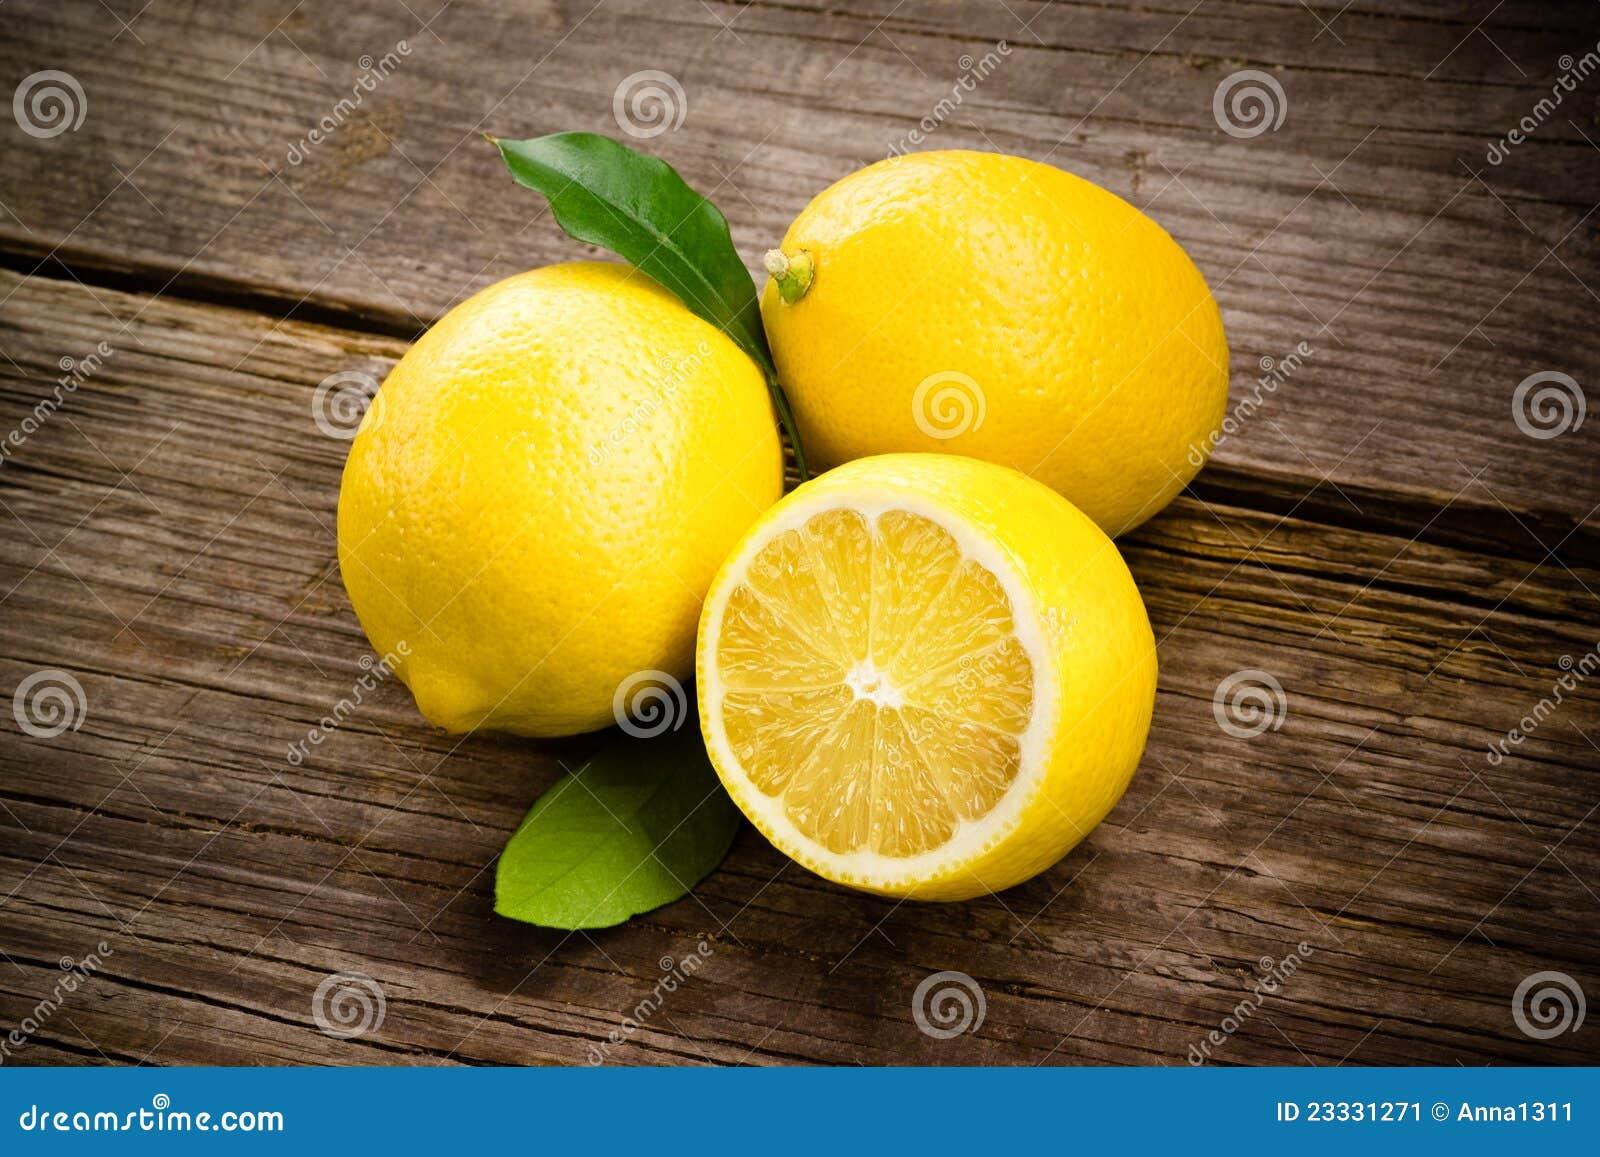 Fresh Organic Fruit - Lemons On Wood Stock Image - Image ...